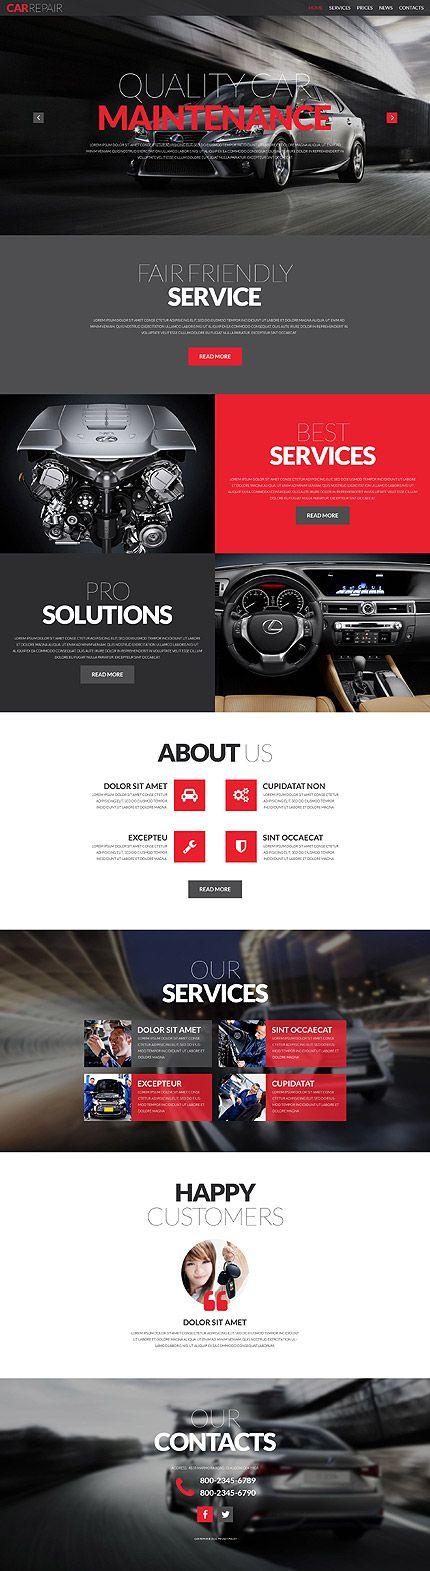 Template 51928 - Car Repair  Responsive Website Template